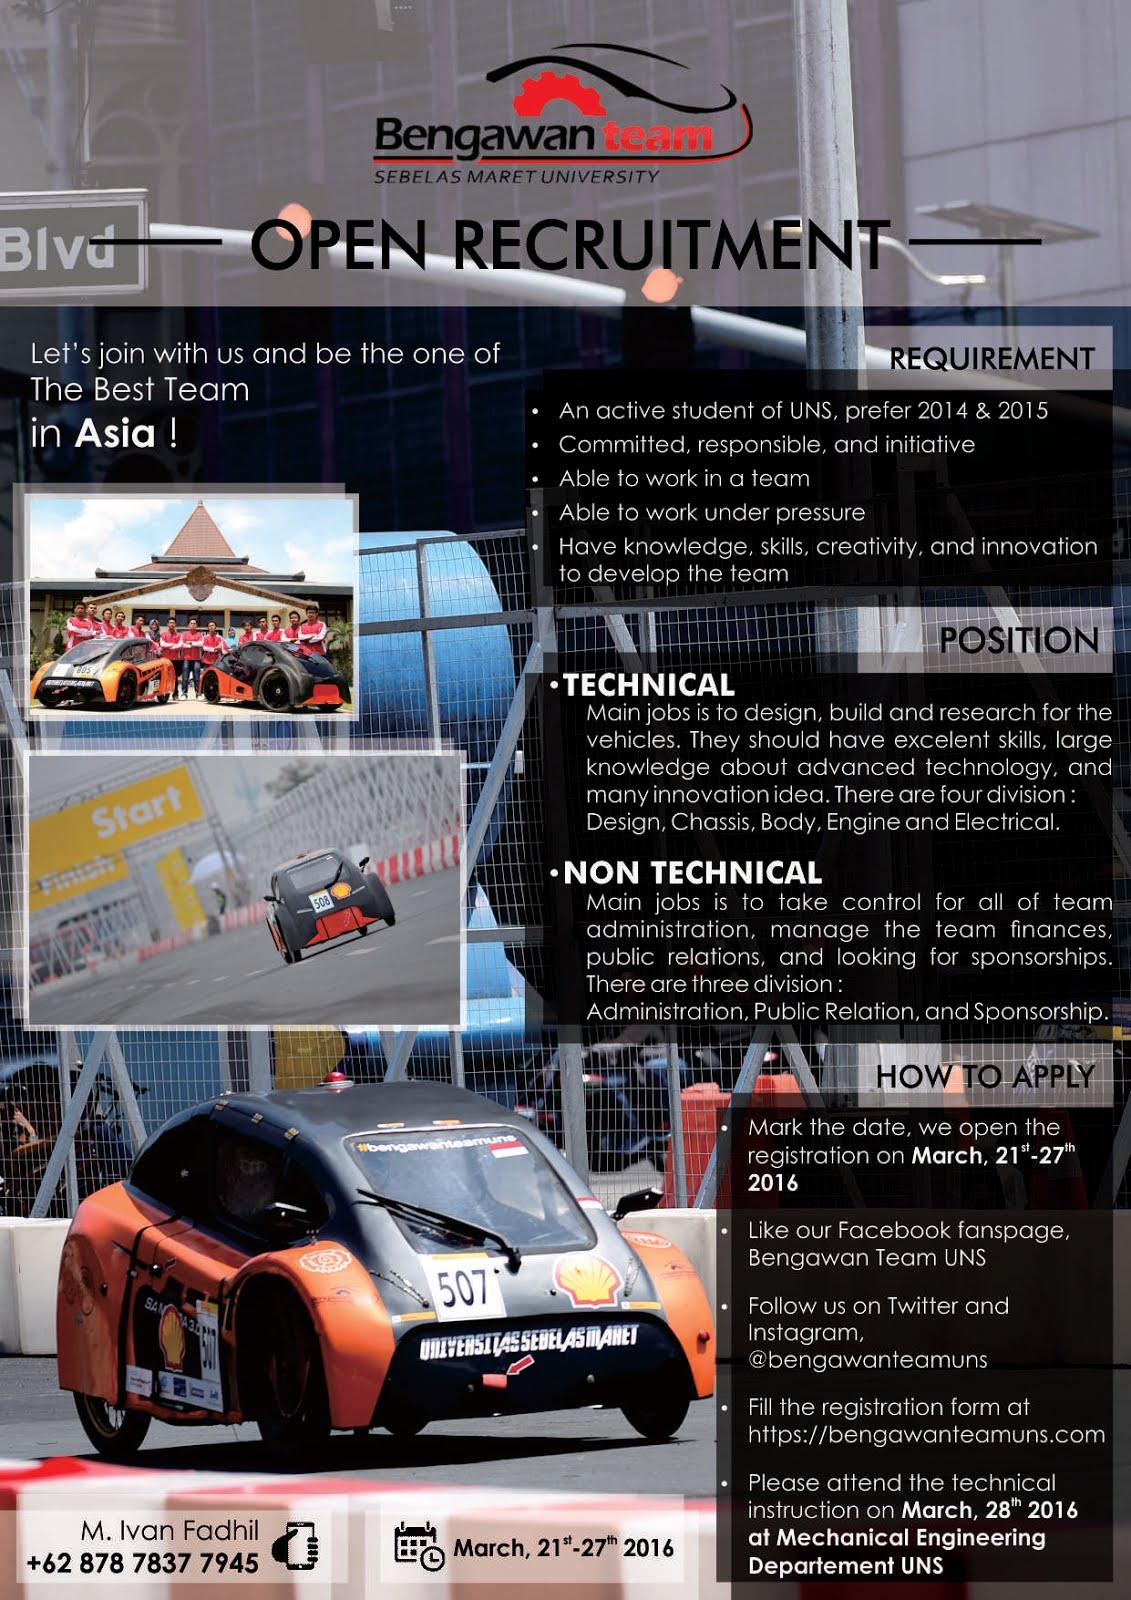 maret 2016 bengawan team uns open recruitment bengawan team uns 2016